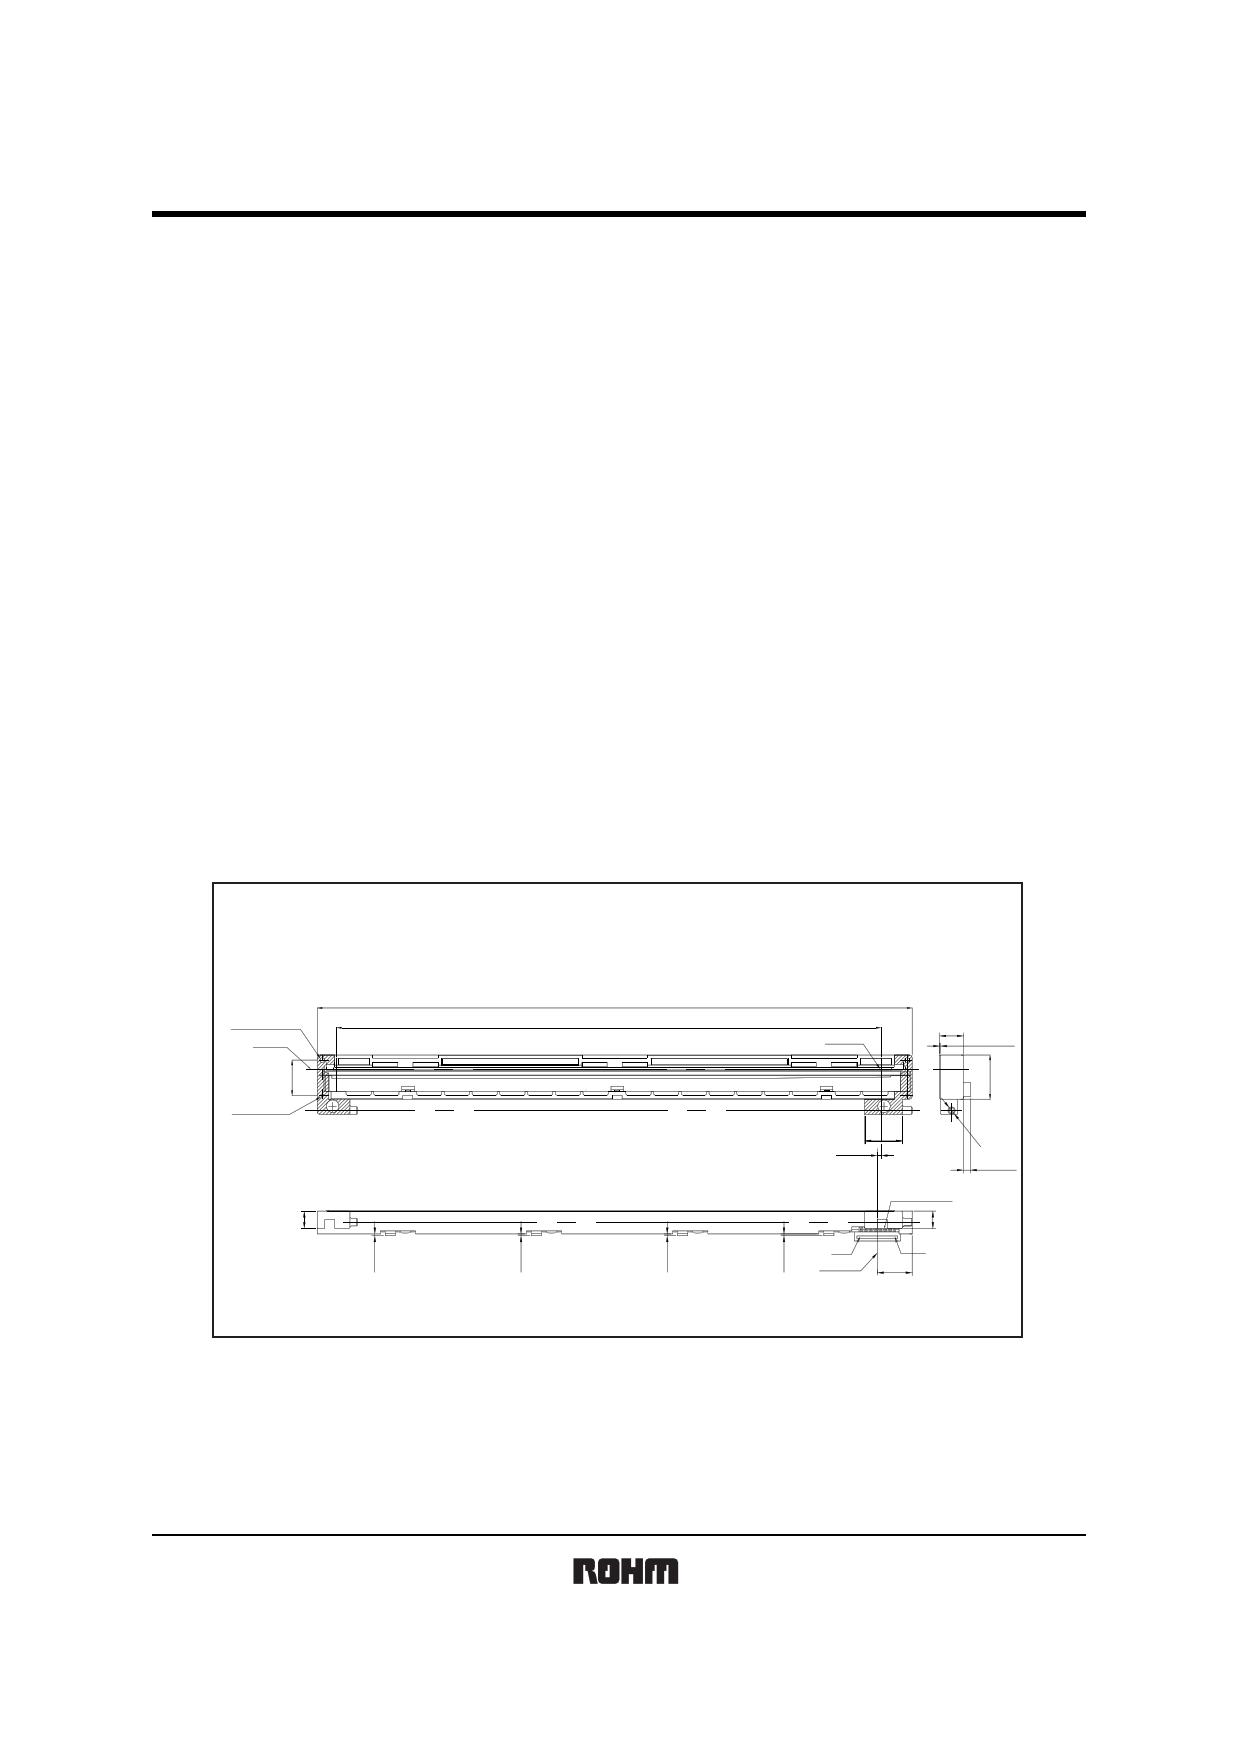 IA1208-FE10A datasheet